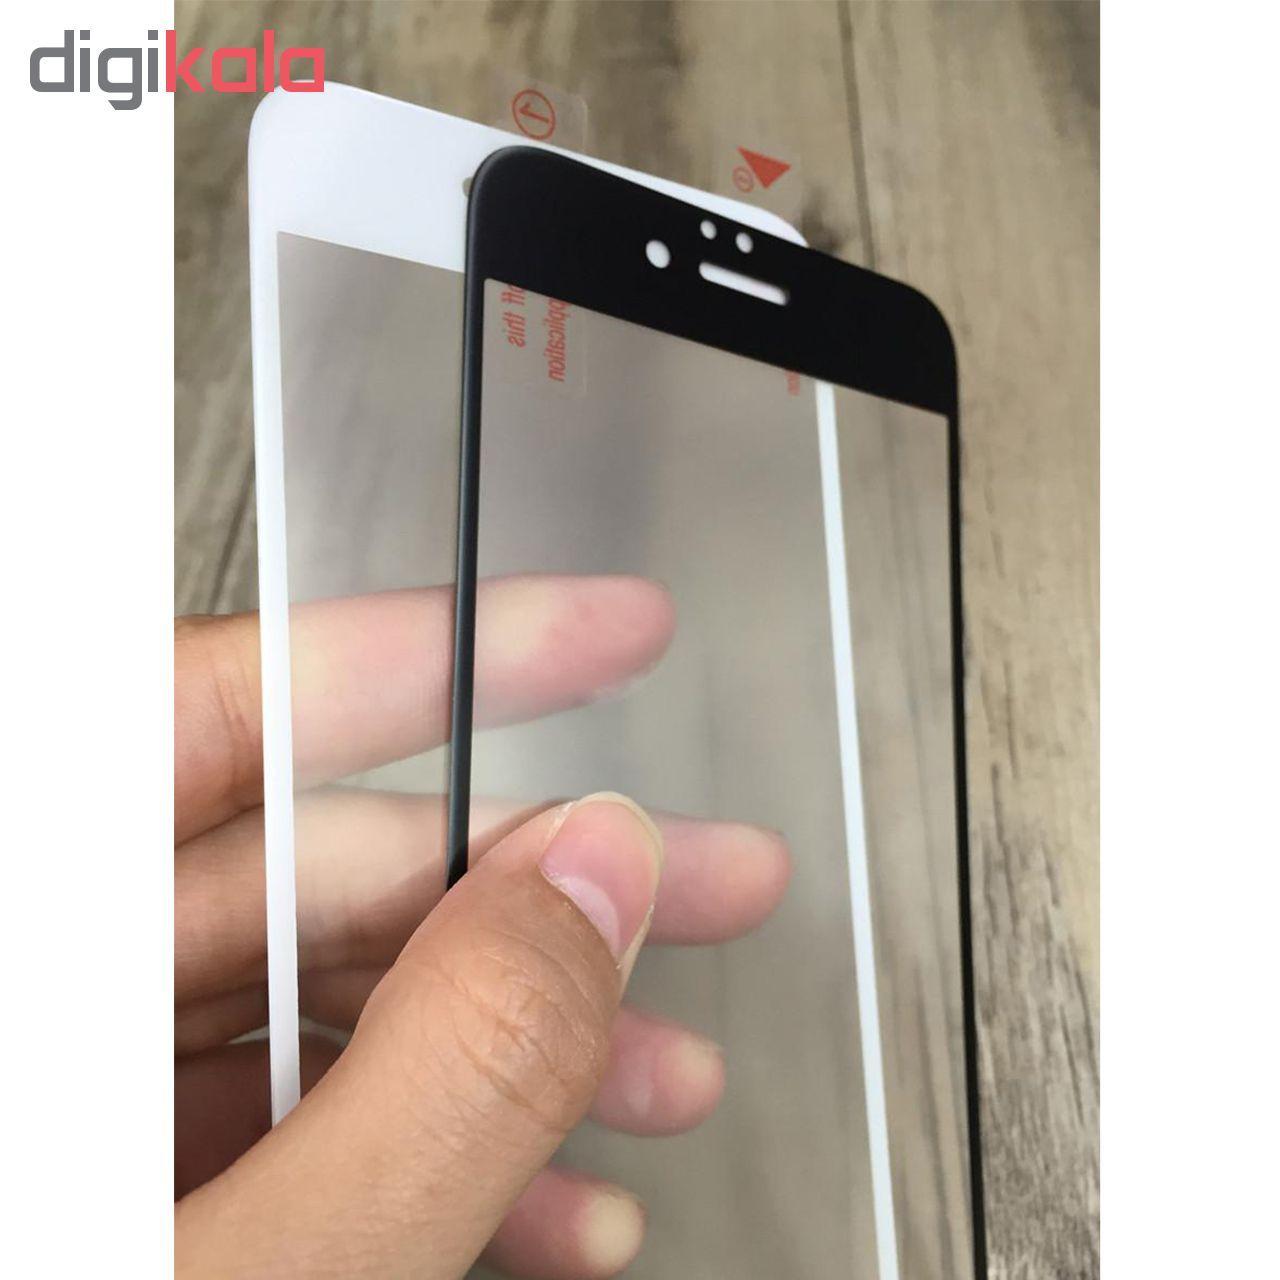 محافظ صفحه نمایش و پشت گوشی Hard and Thick مدل F-01 مناسب برای گوشی موبایل اپل Iphone X/Xs به همراه محافظ لنز دوربین main 1 4